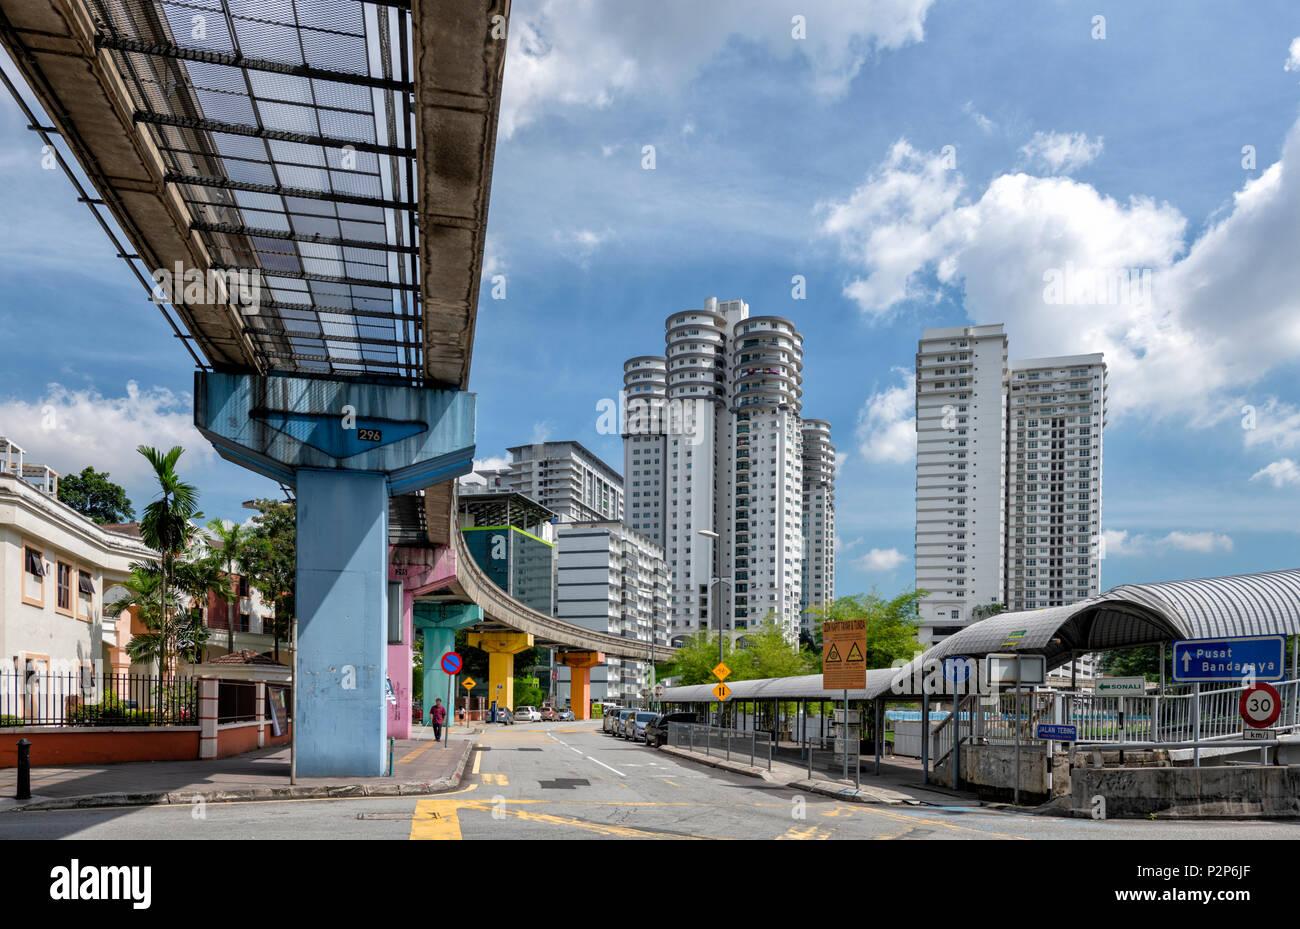 A monorail heading into Kuala Lumpur city centre. Kuala Lumpur, Malaysia - Stock Image